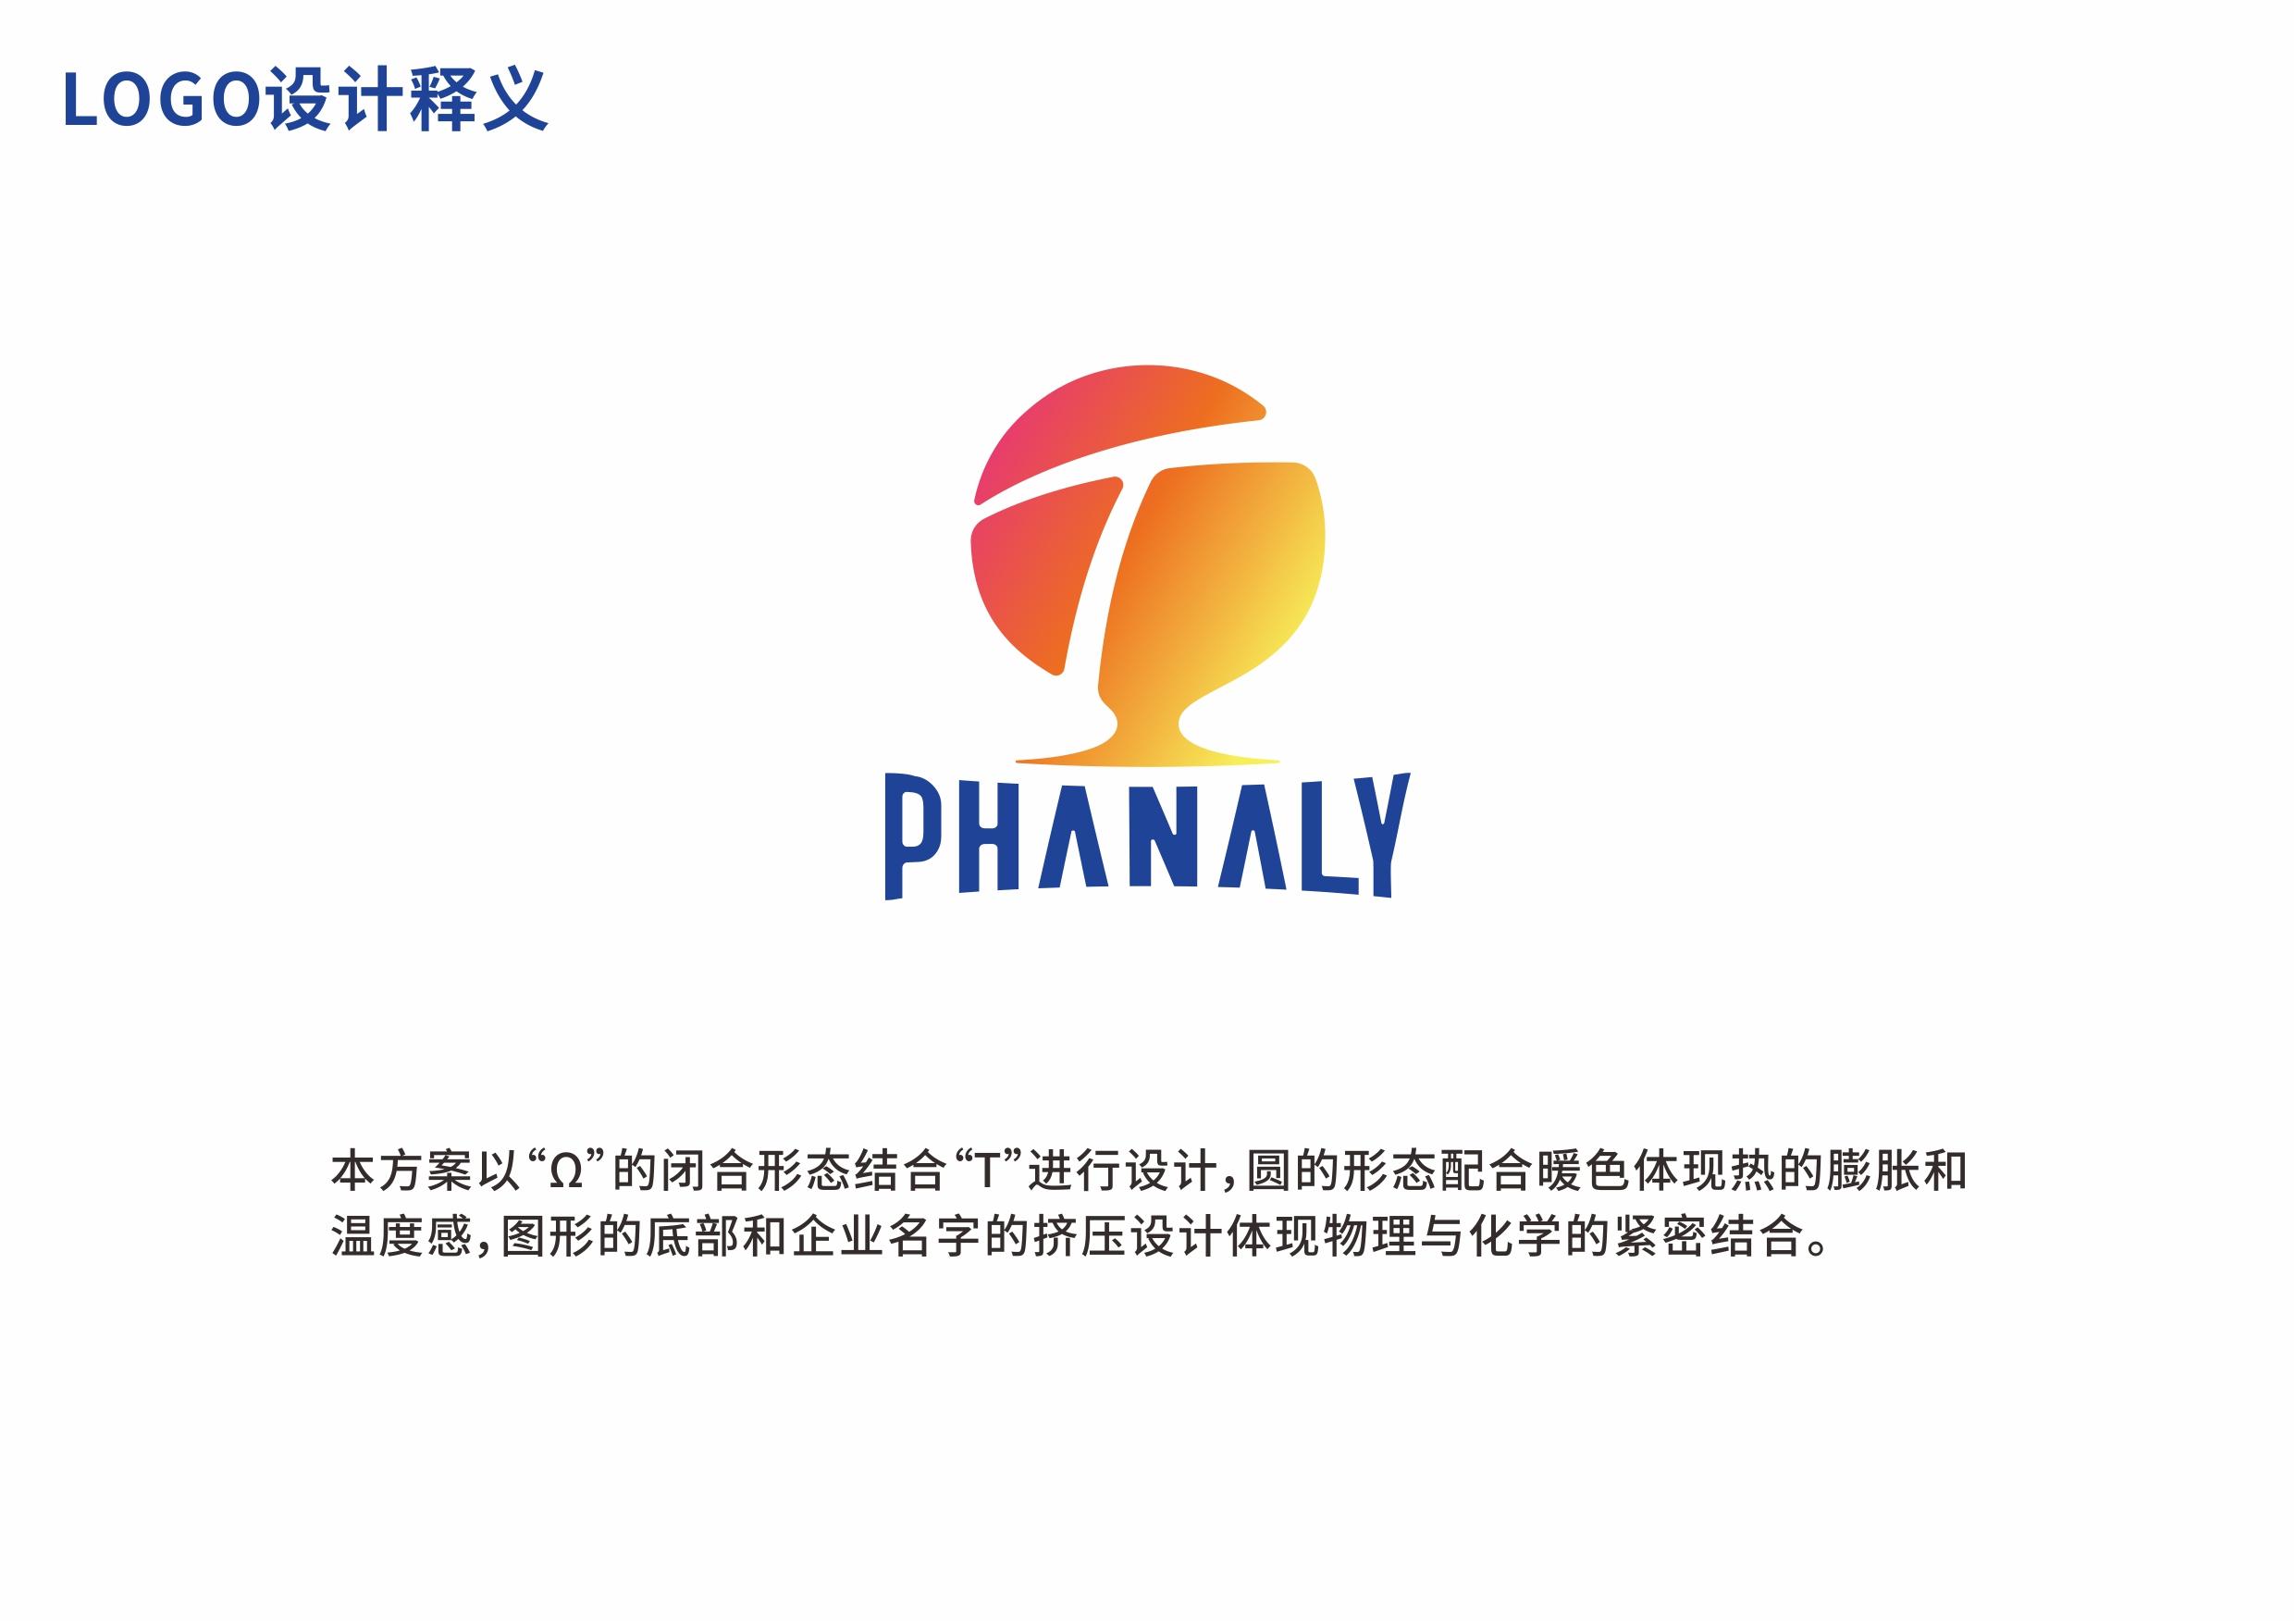 热分析仪器行业logo设计_3034147_k68威客网